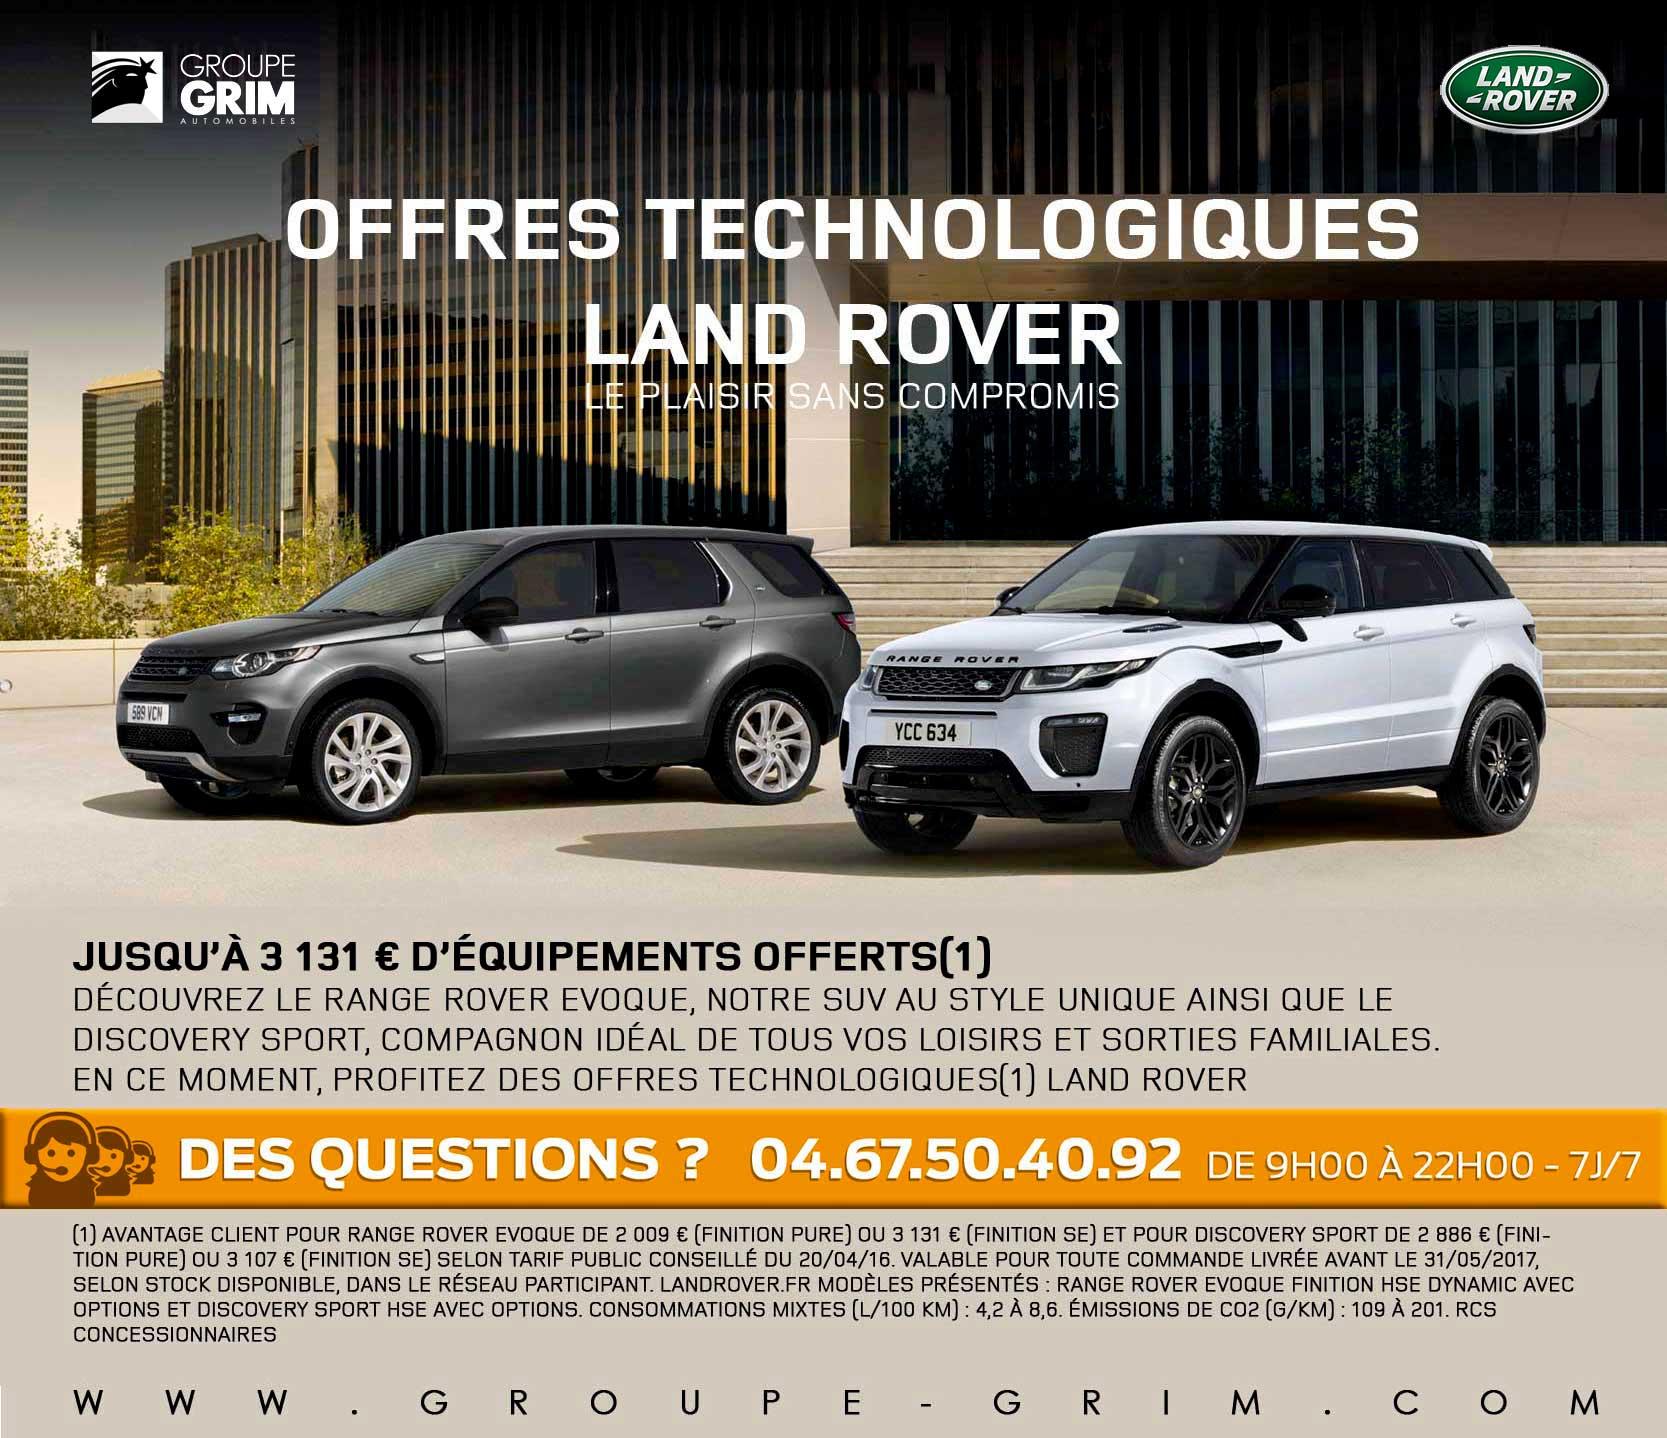 offres technologiques land rover jaguar montpellier land rover montpellier land rover n mes. Black Bedroom Furniture Sets. Home Design Ideas